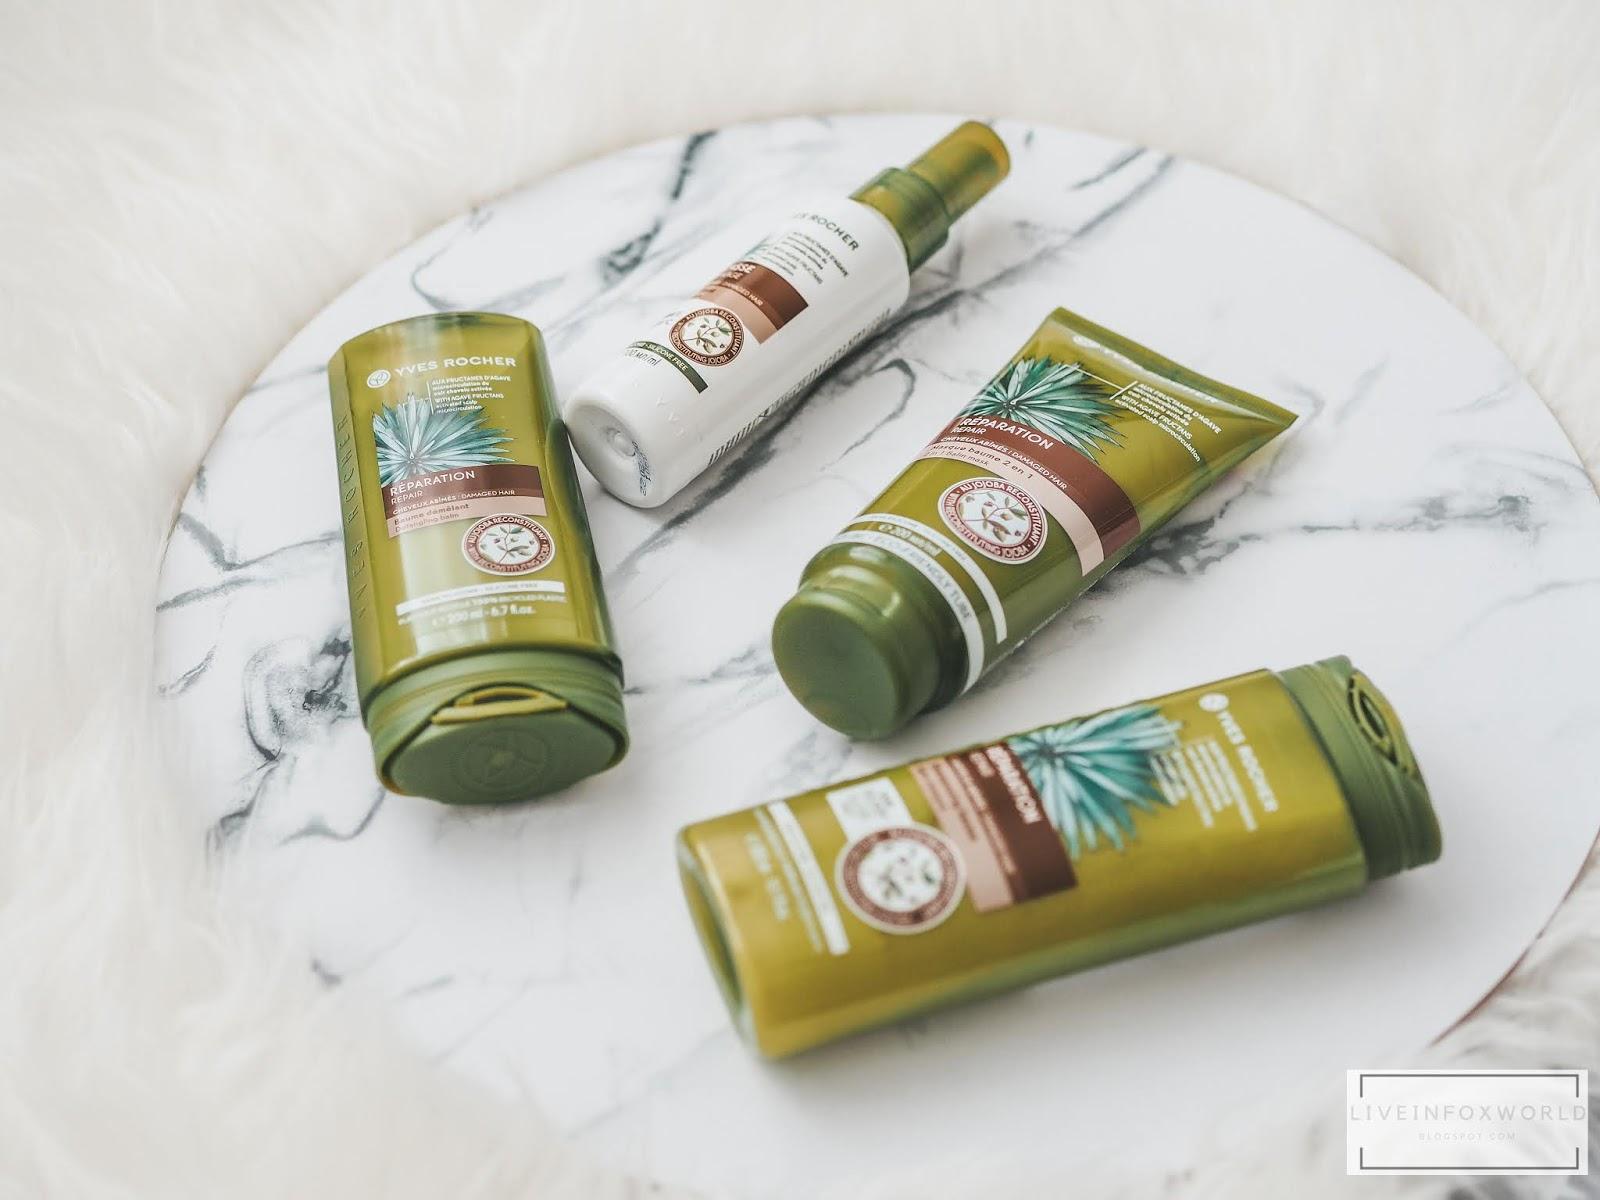 Spojenie jojobového oleja a fruktantov z agáve